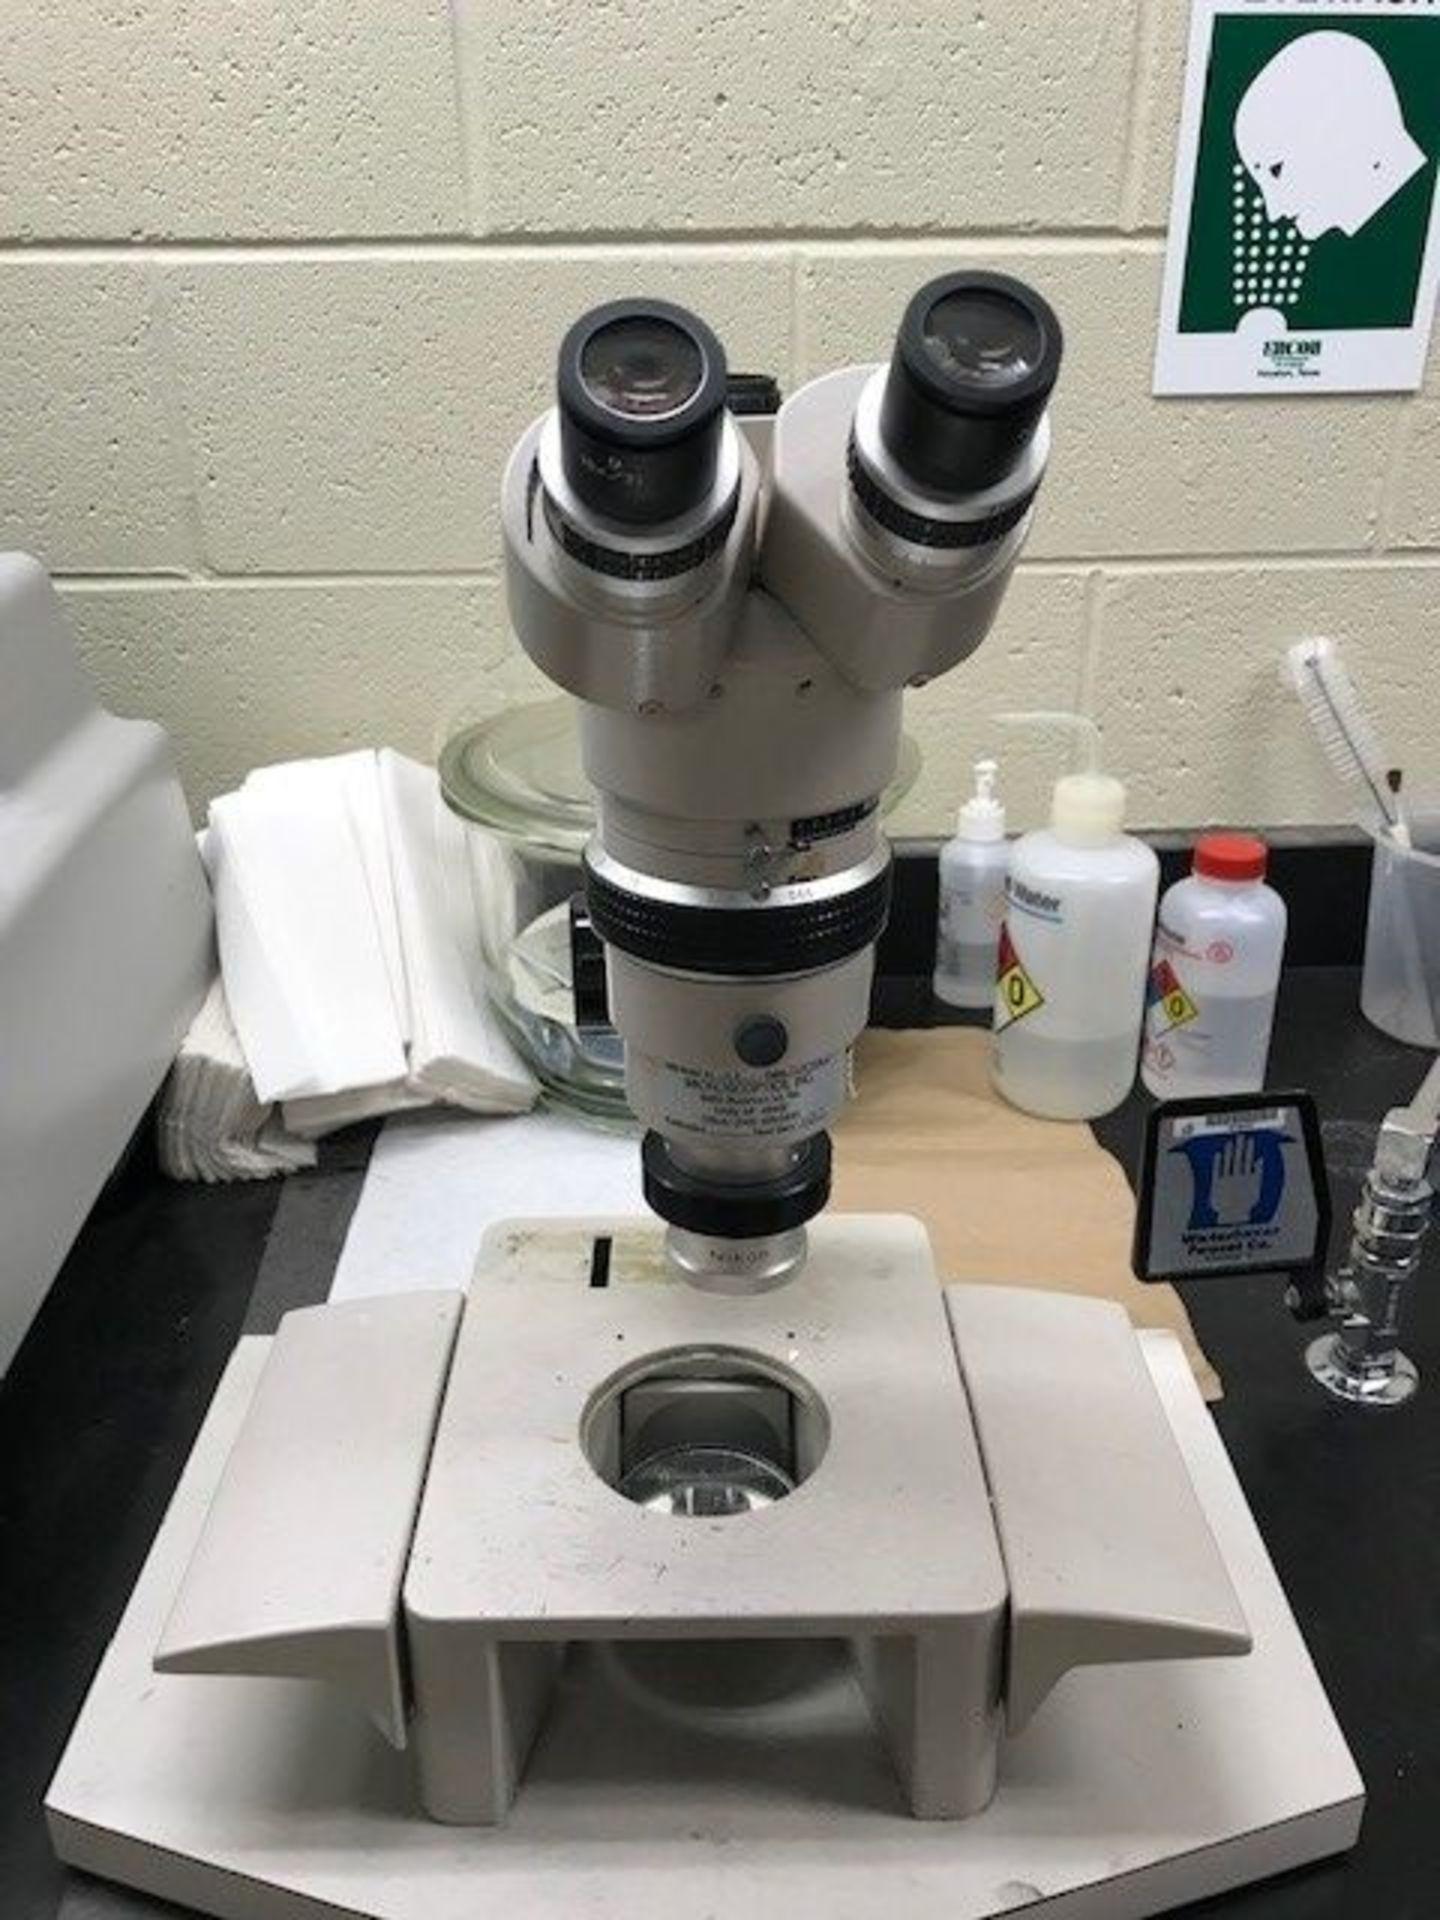 Nikon Optiphot Reflection Microscope SMZ-10 - Image 2 of 3